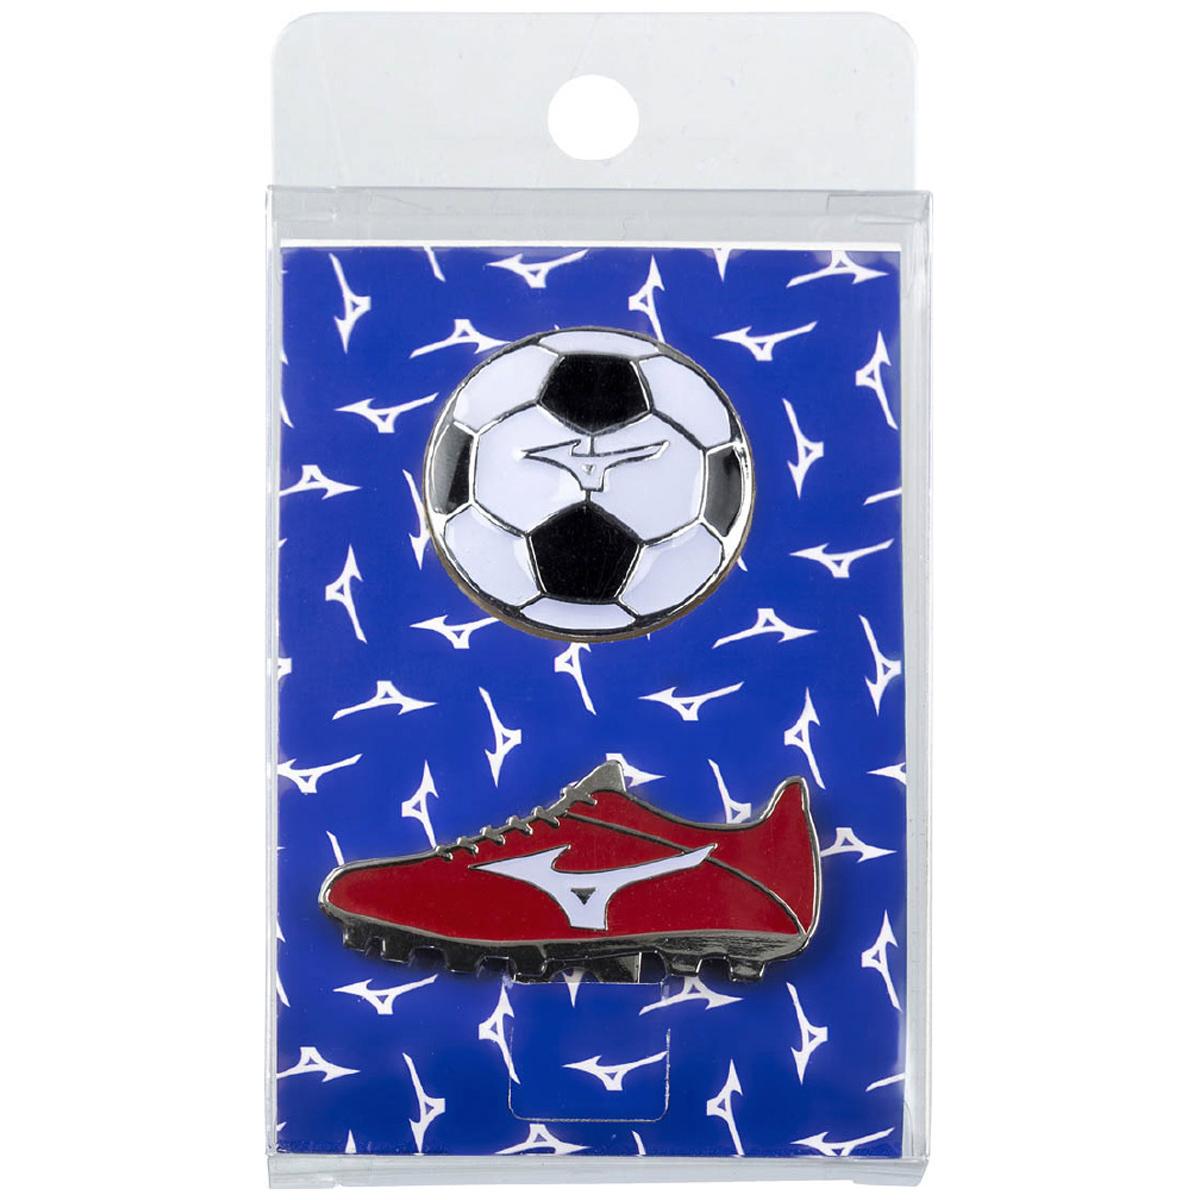 サッカー マルチスポーツマーカー